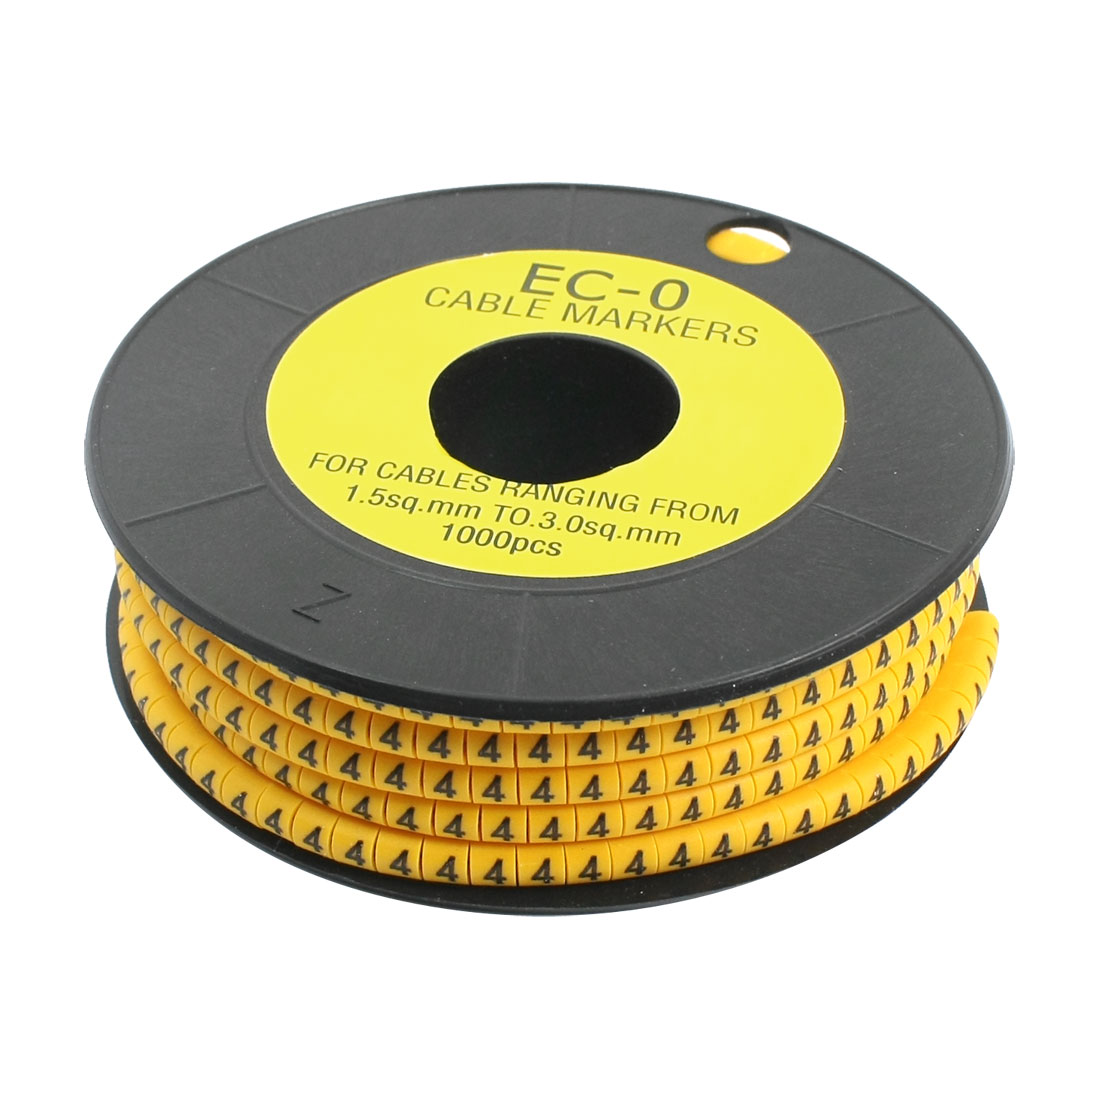 1000pcs Number 4 Pattern EC-0 Soft PVC Flexible Cable Markers Orange